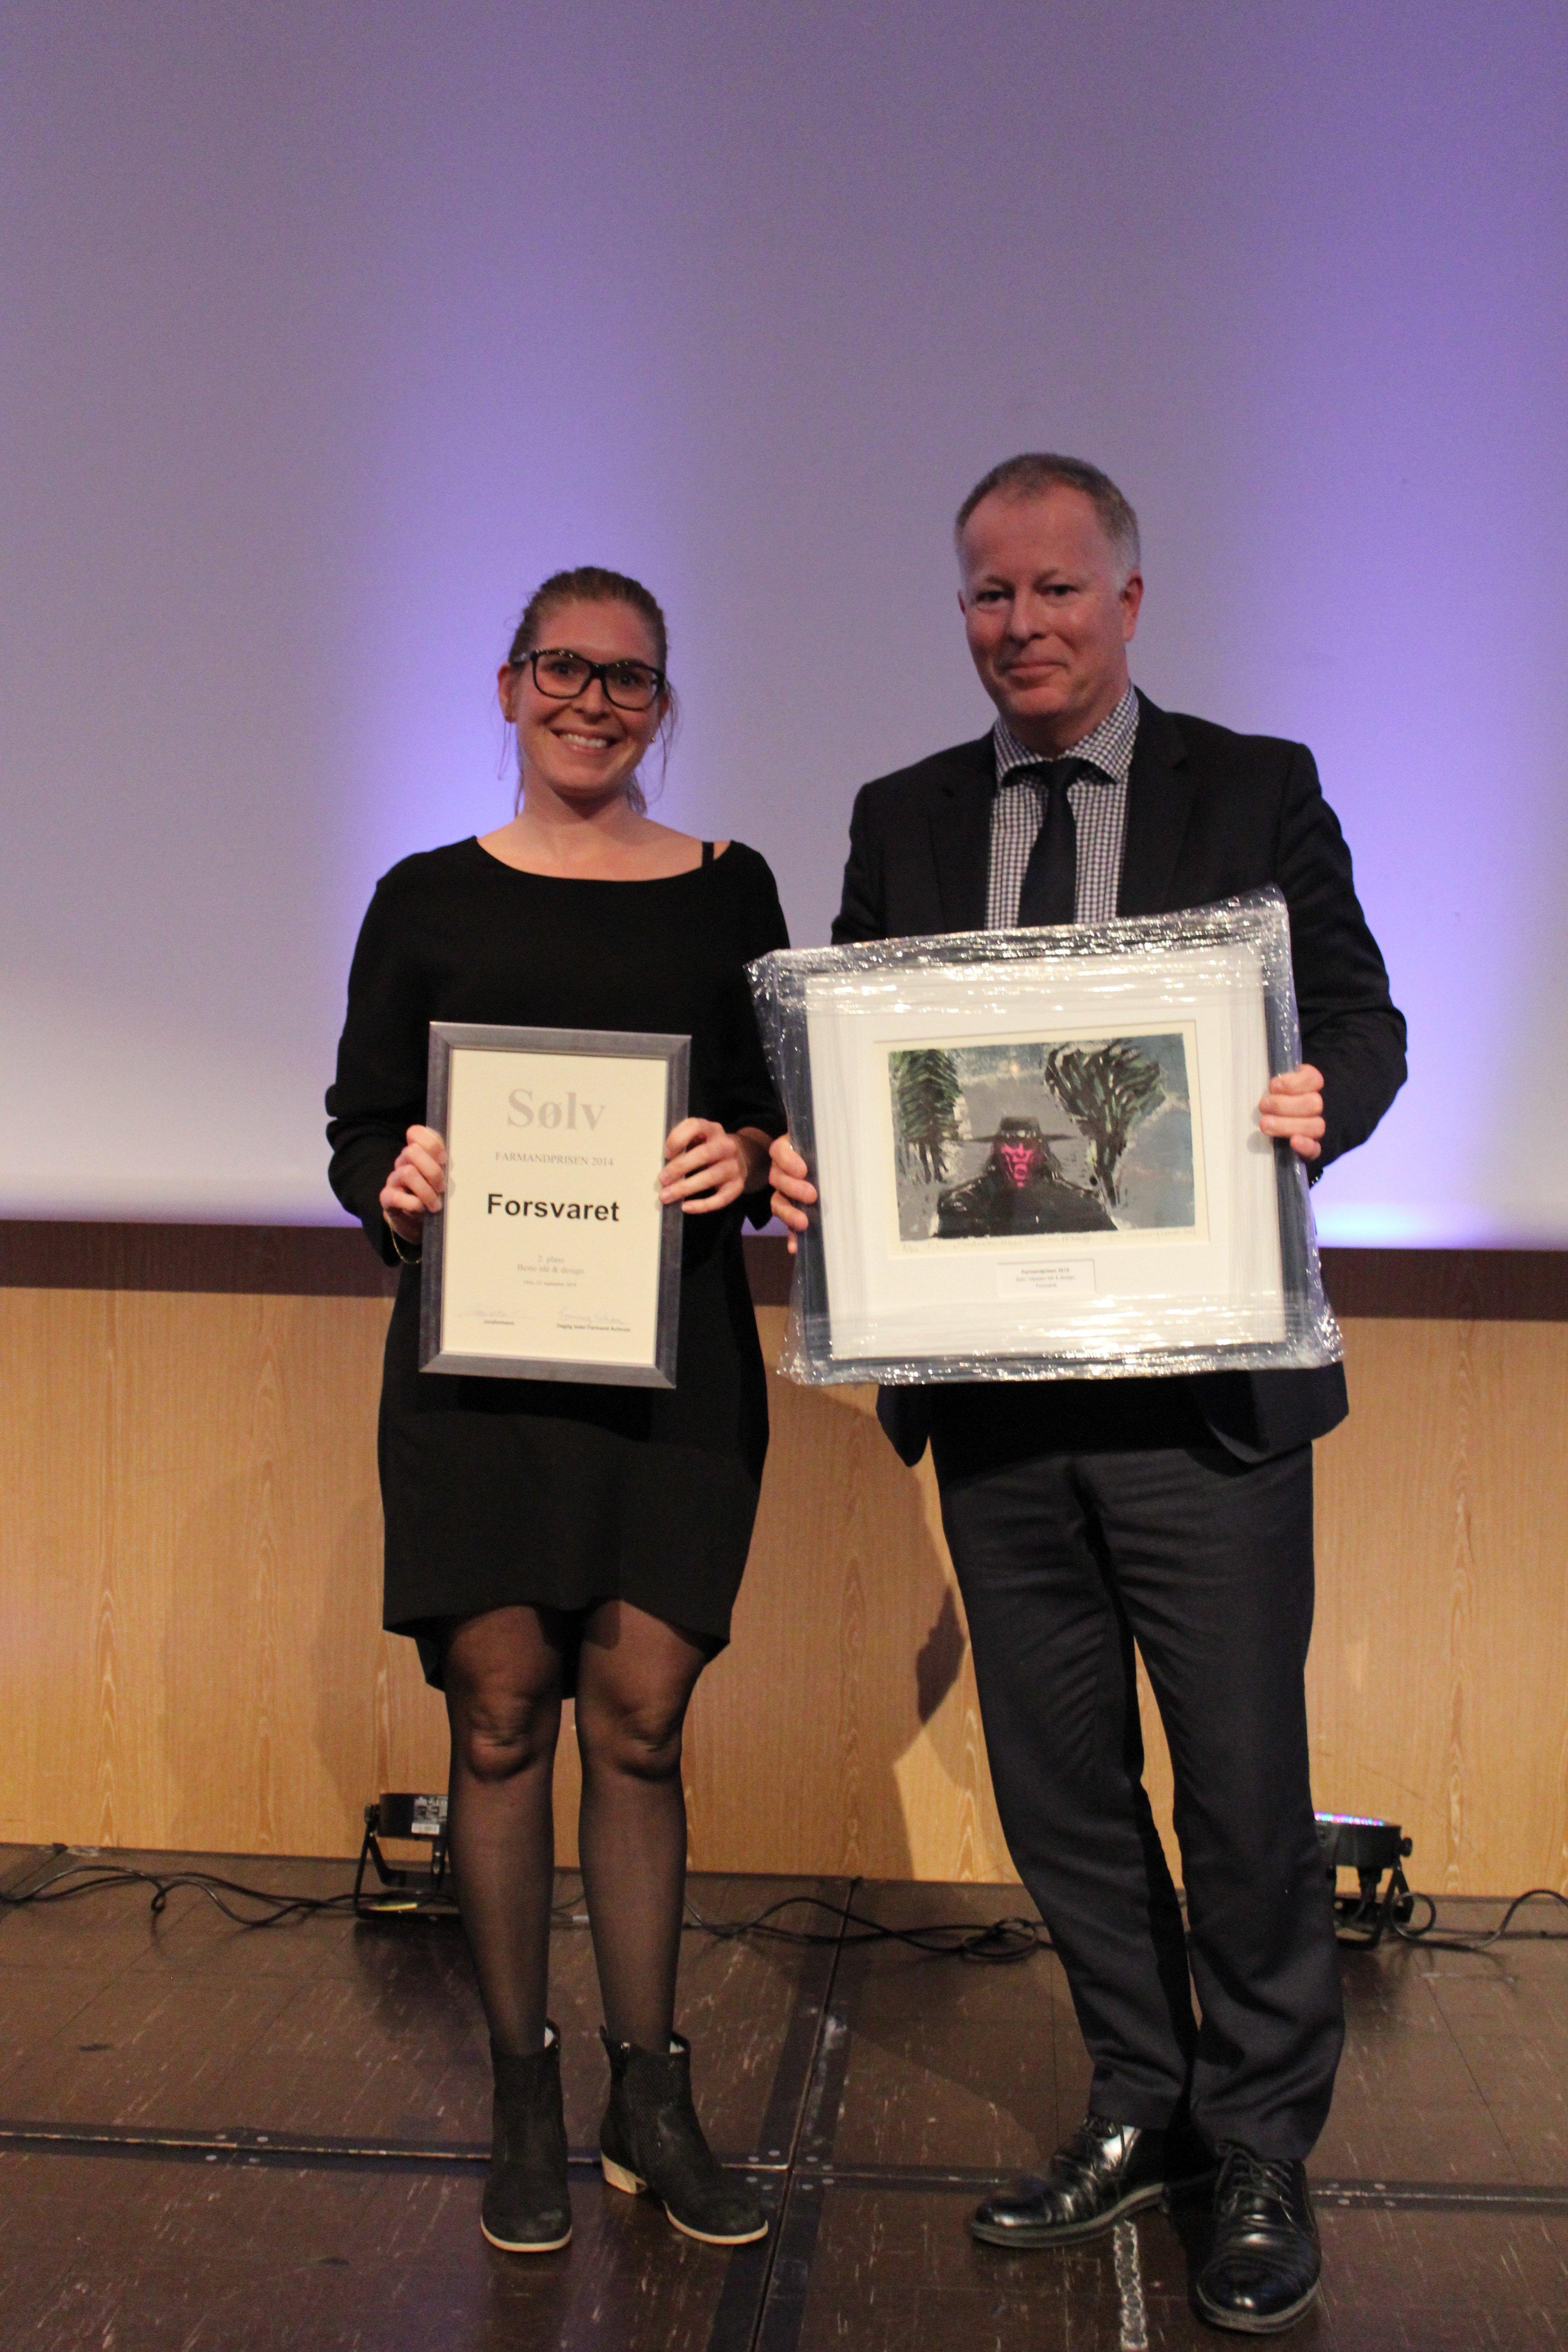 Farmandprisen Beste Årsrapport 2014 - Beste Ide & design nr 2: Forsvaret